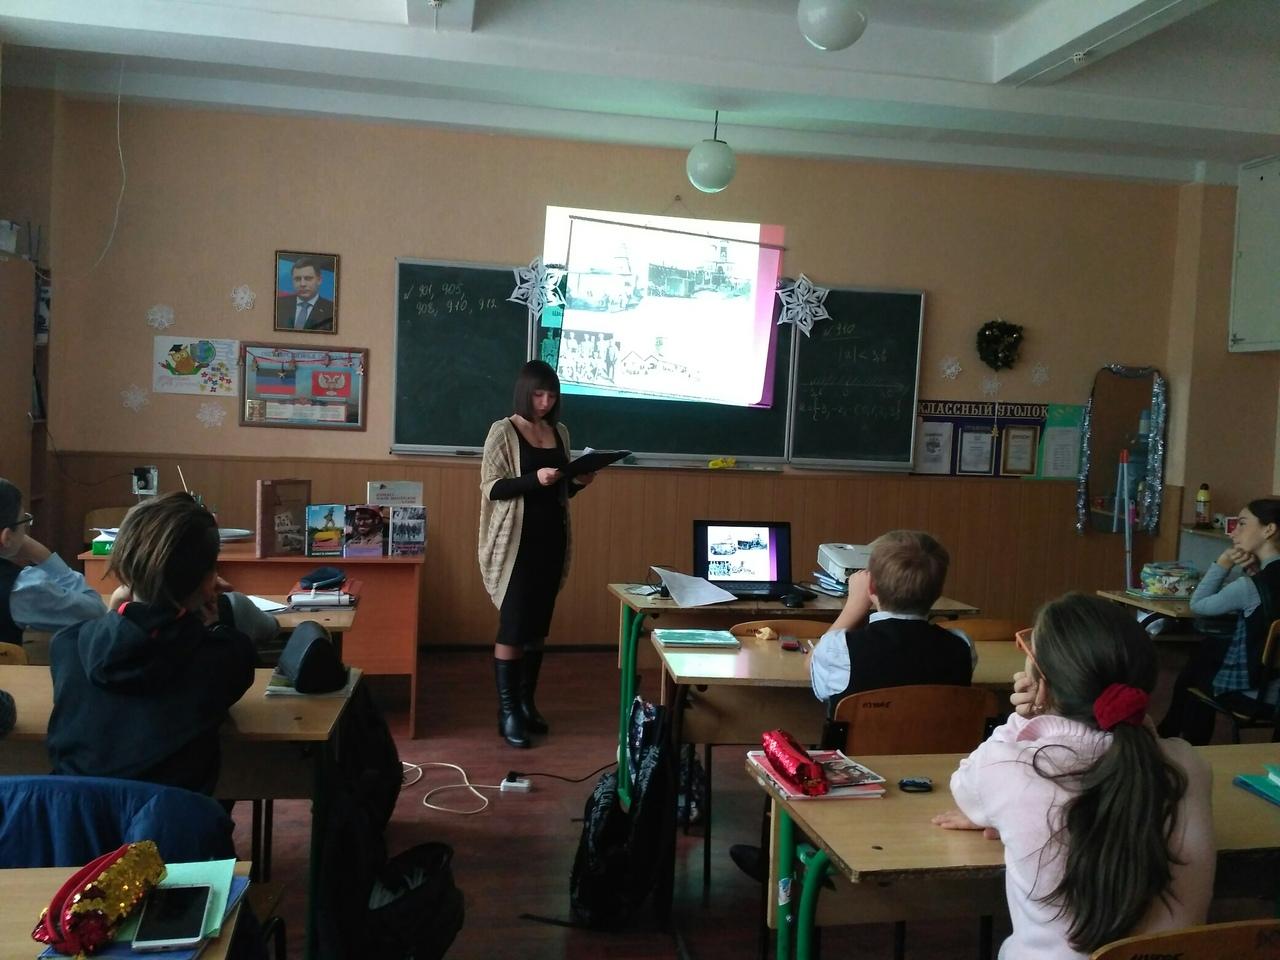 Донецкая республиканская библиотека для детей, сектор организации досуга детей, выдающиеся люди донбасса, земля нареченная донбассом, урок краеведения